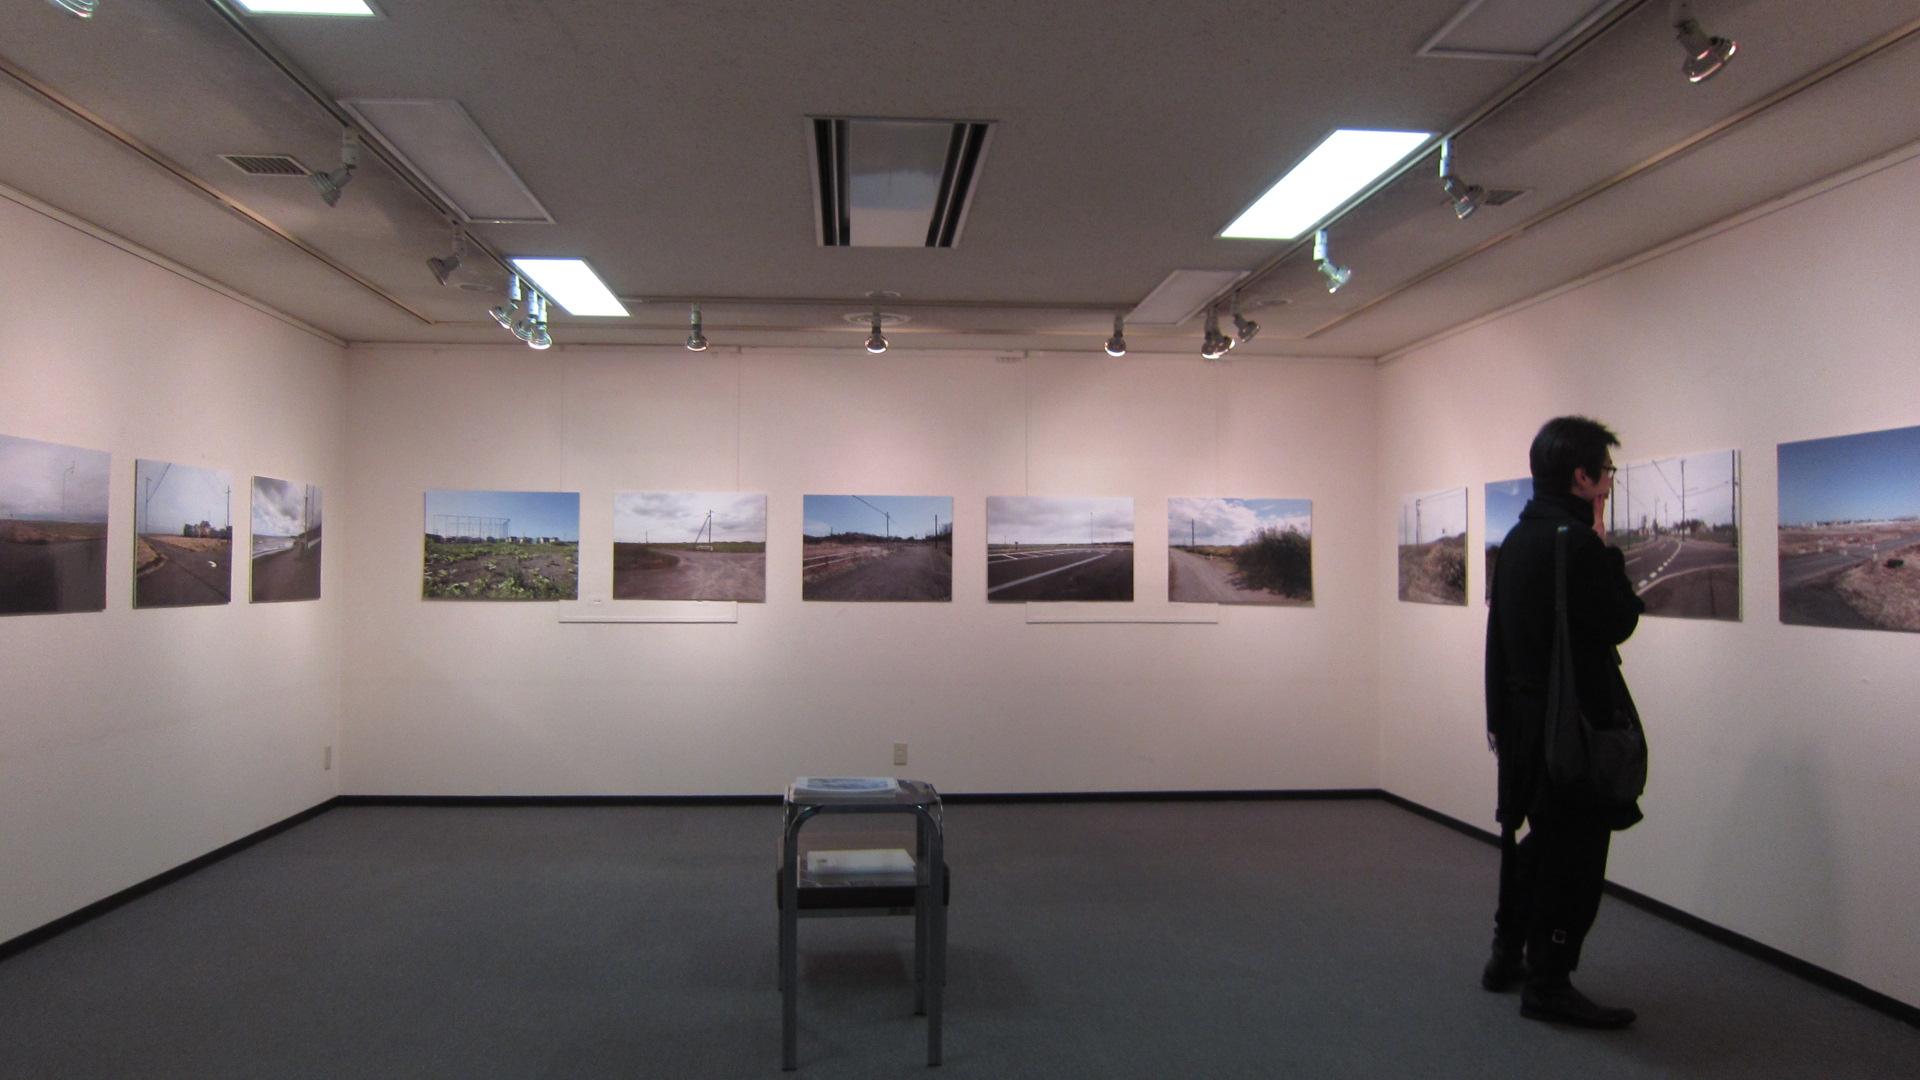 2526)⑦「群青後期『神成邦夫 写真展』」 アートスペース201 終了/2月4日(木)~2月9日(火)_f0126829_1838515.jpg